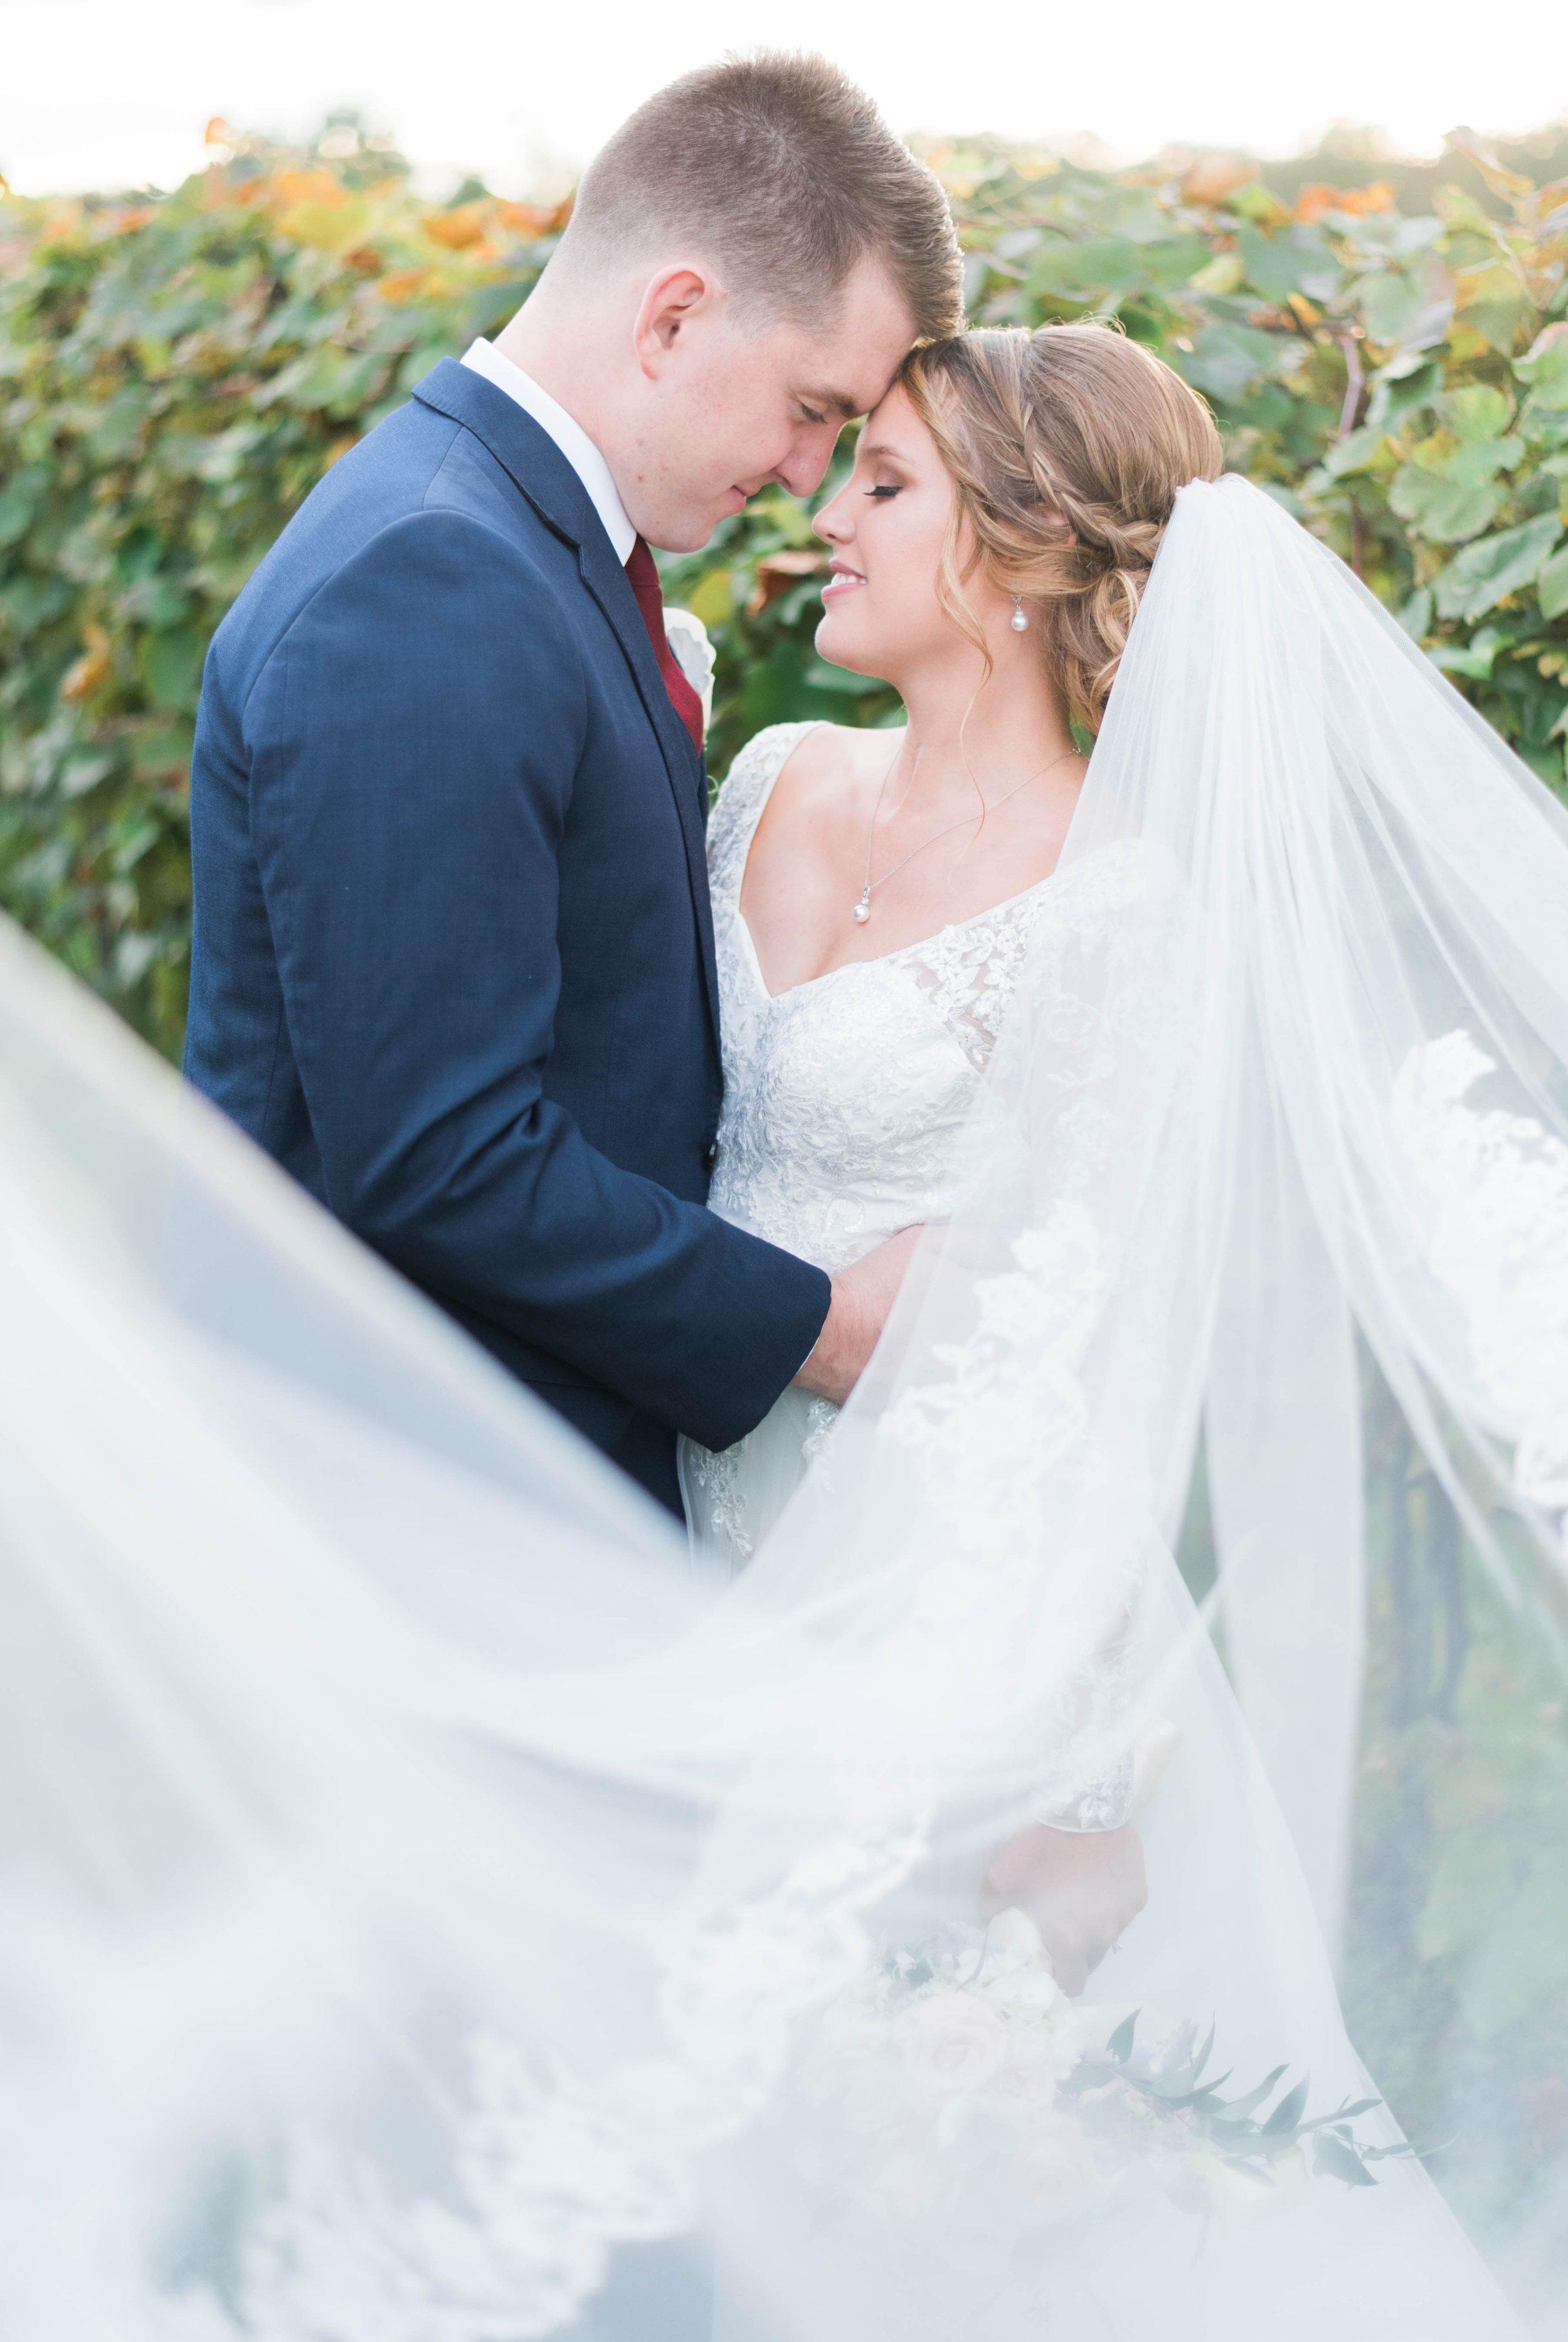 GrantElizabeth_wineryatbullrun_DCwedding_Virginiaweddingphotographer 26.jpg